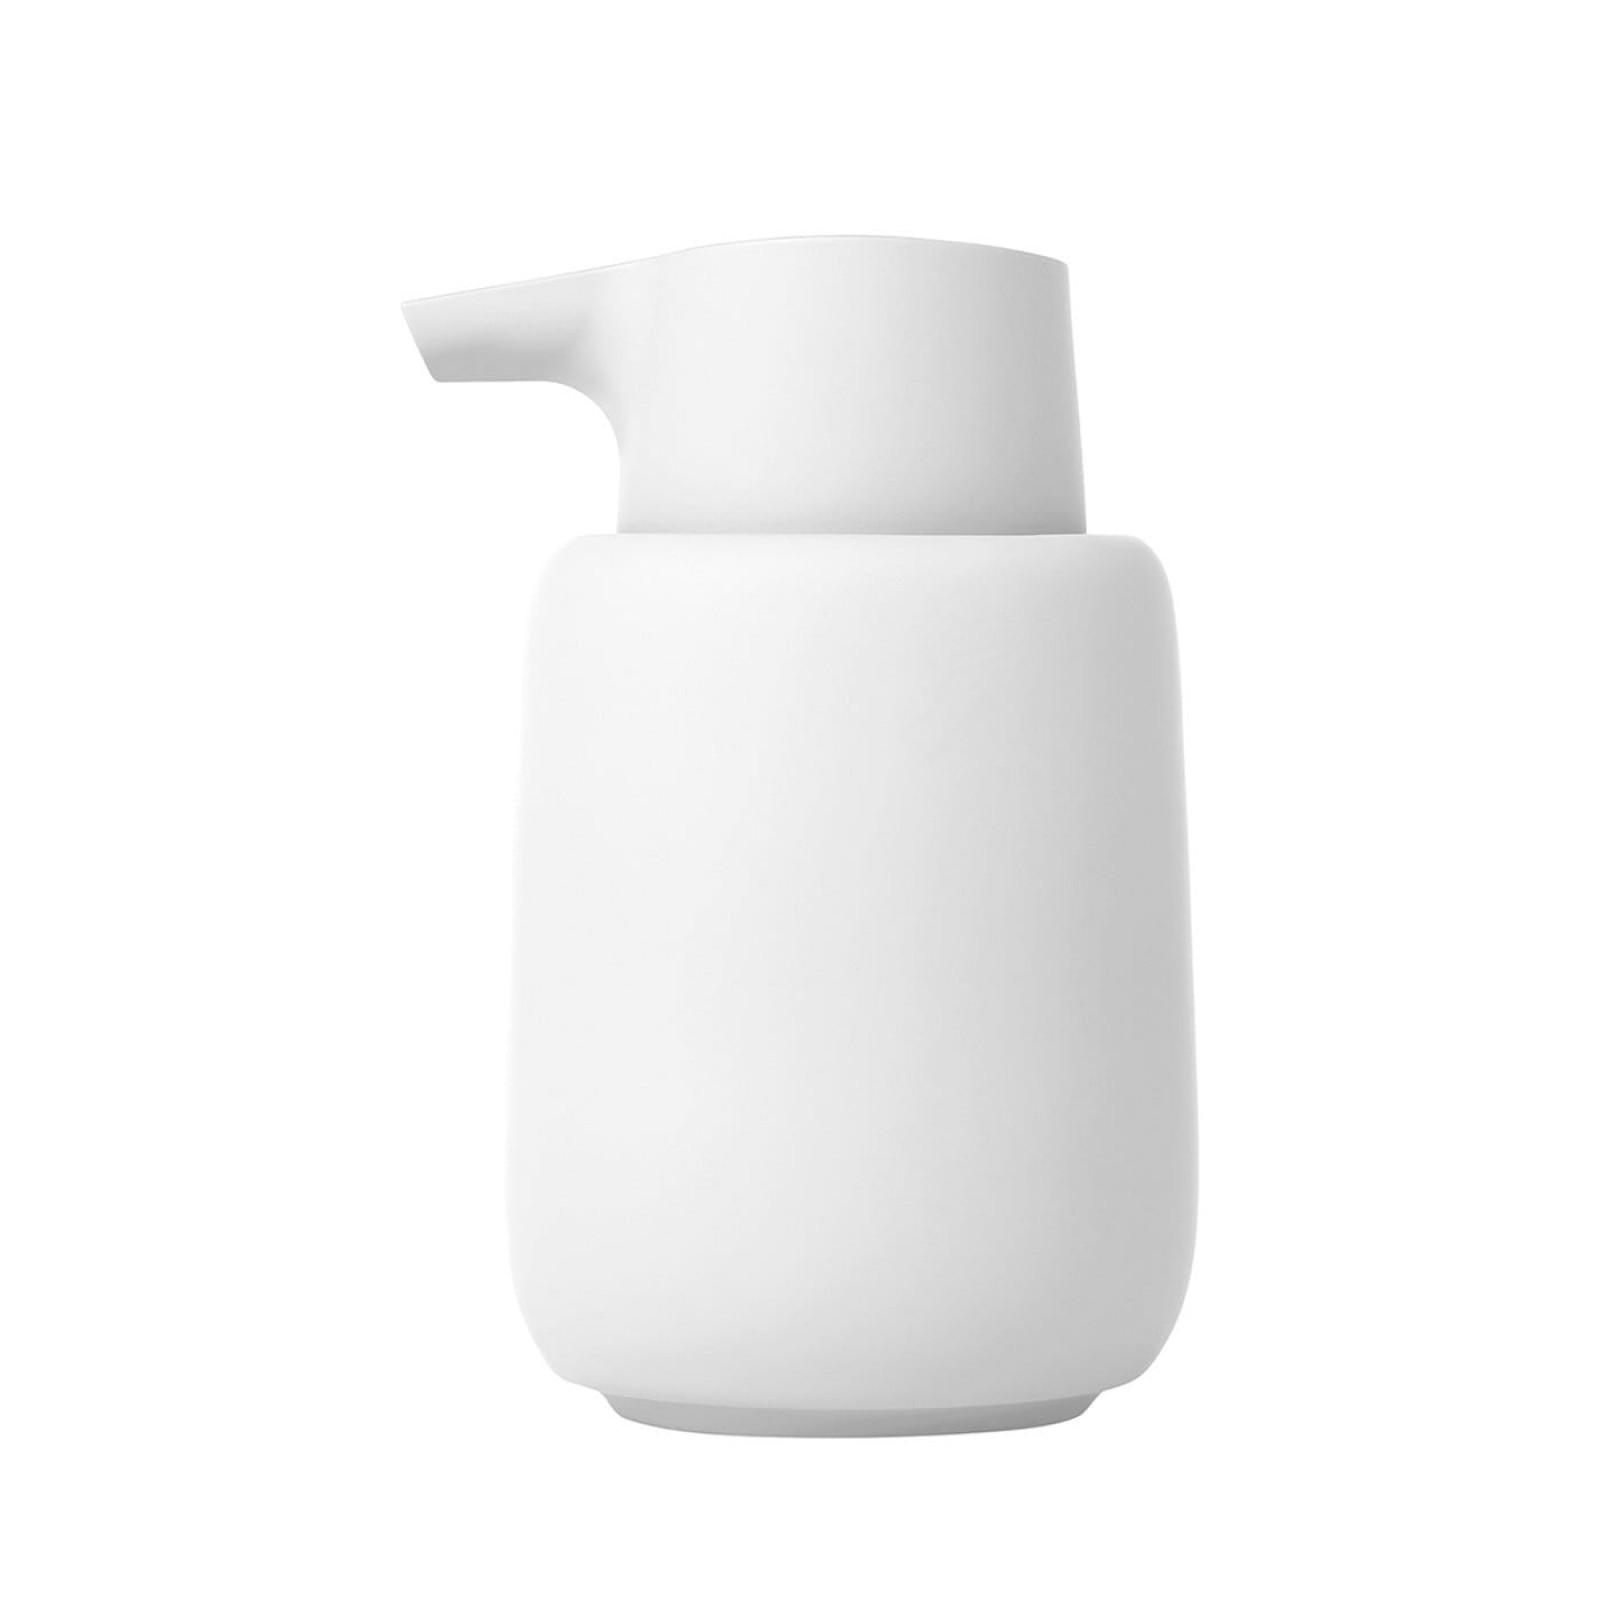 Αντλία Σαπουνιού SONO (Λευκό) - Blomus